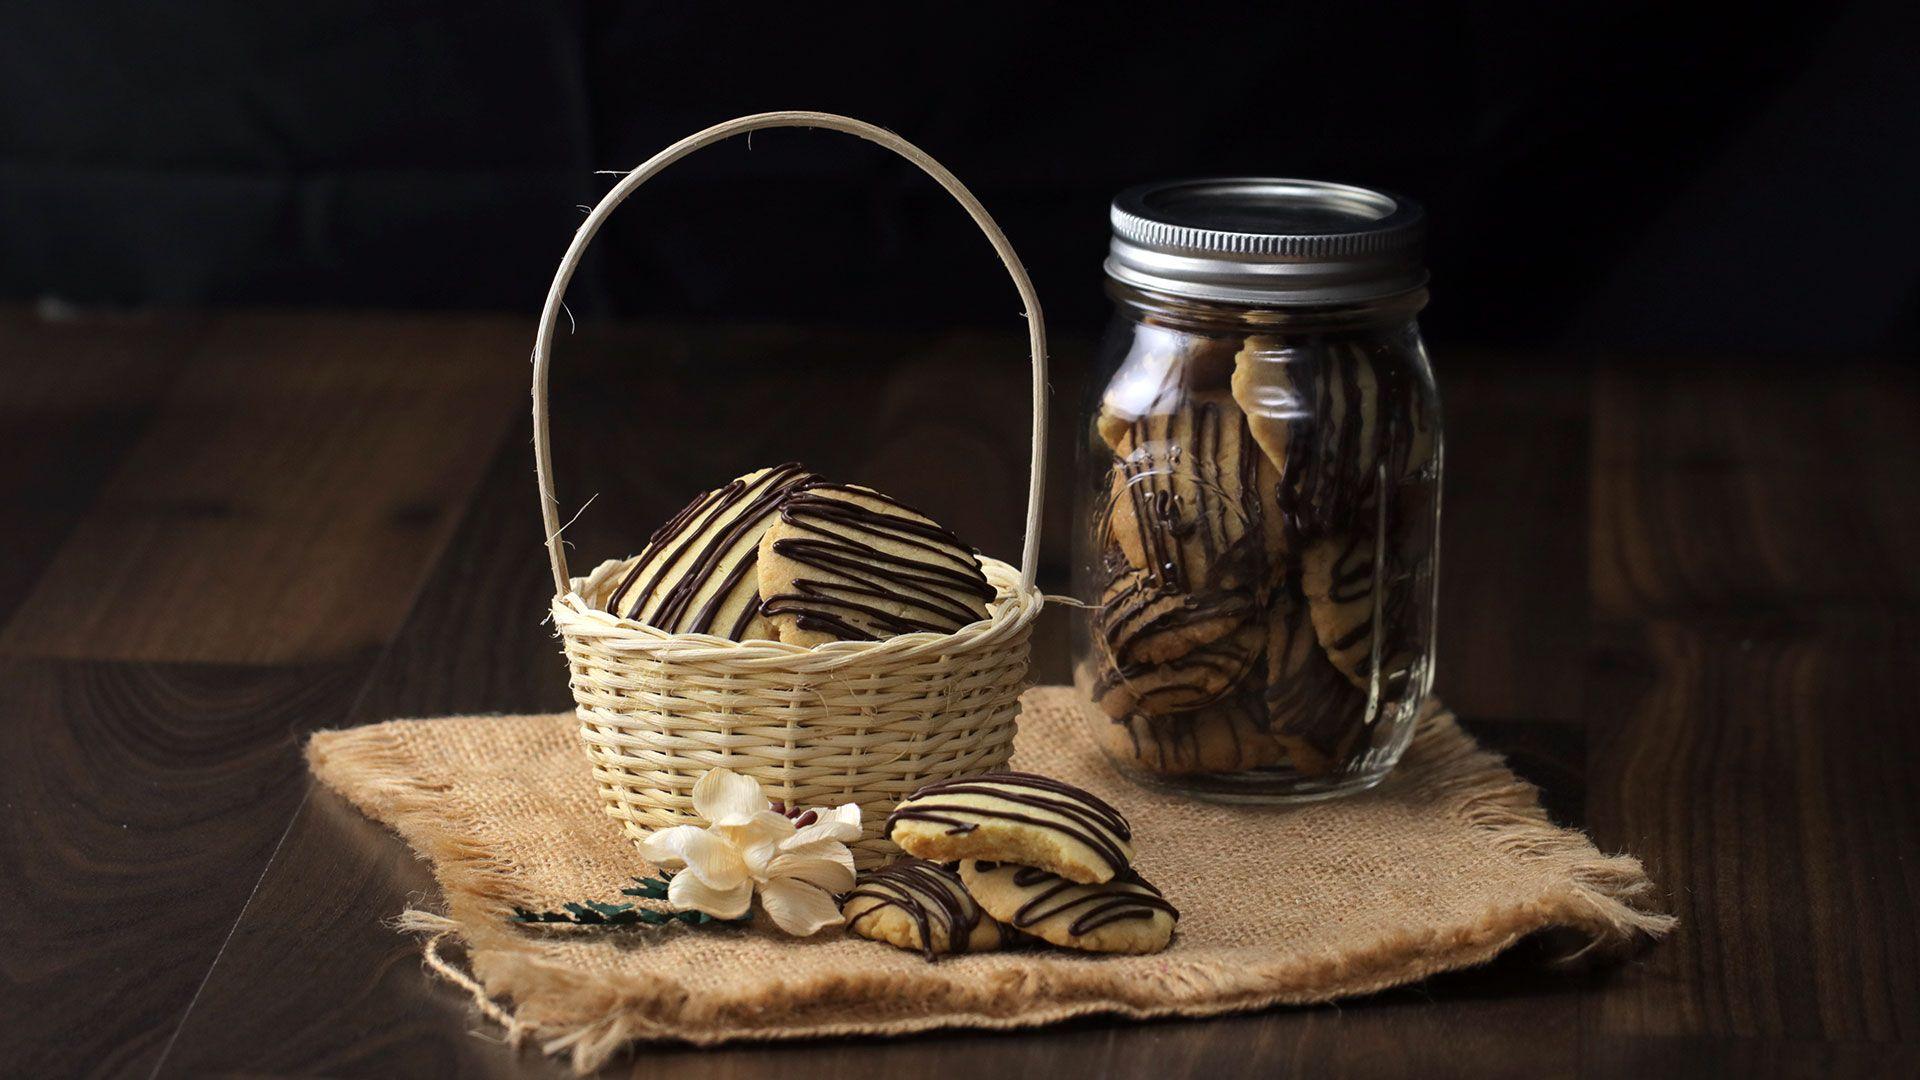 Penuh Makna dan Berkat, 7 Ide Hantaran Spesial Imlek untuk Kerabat